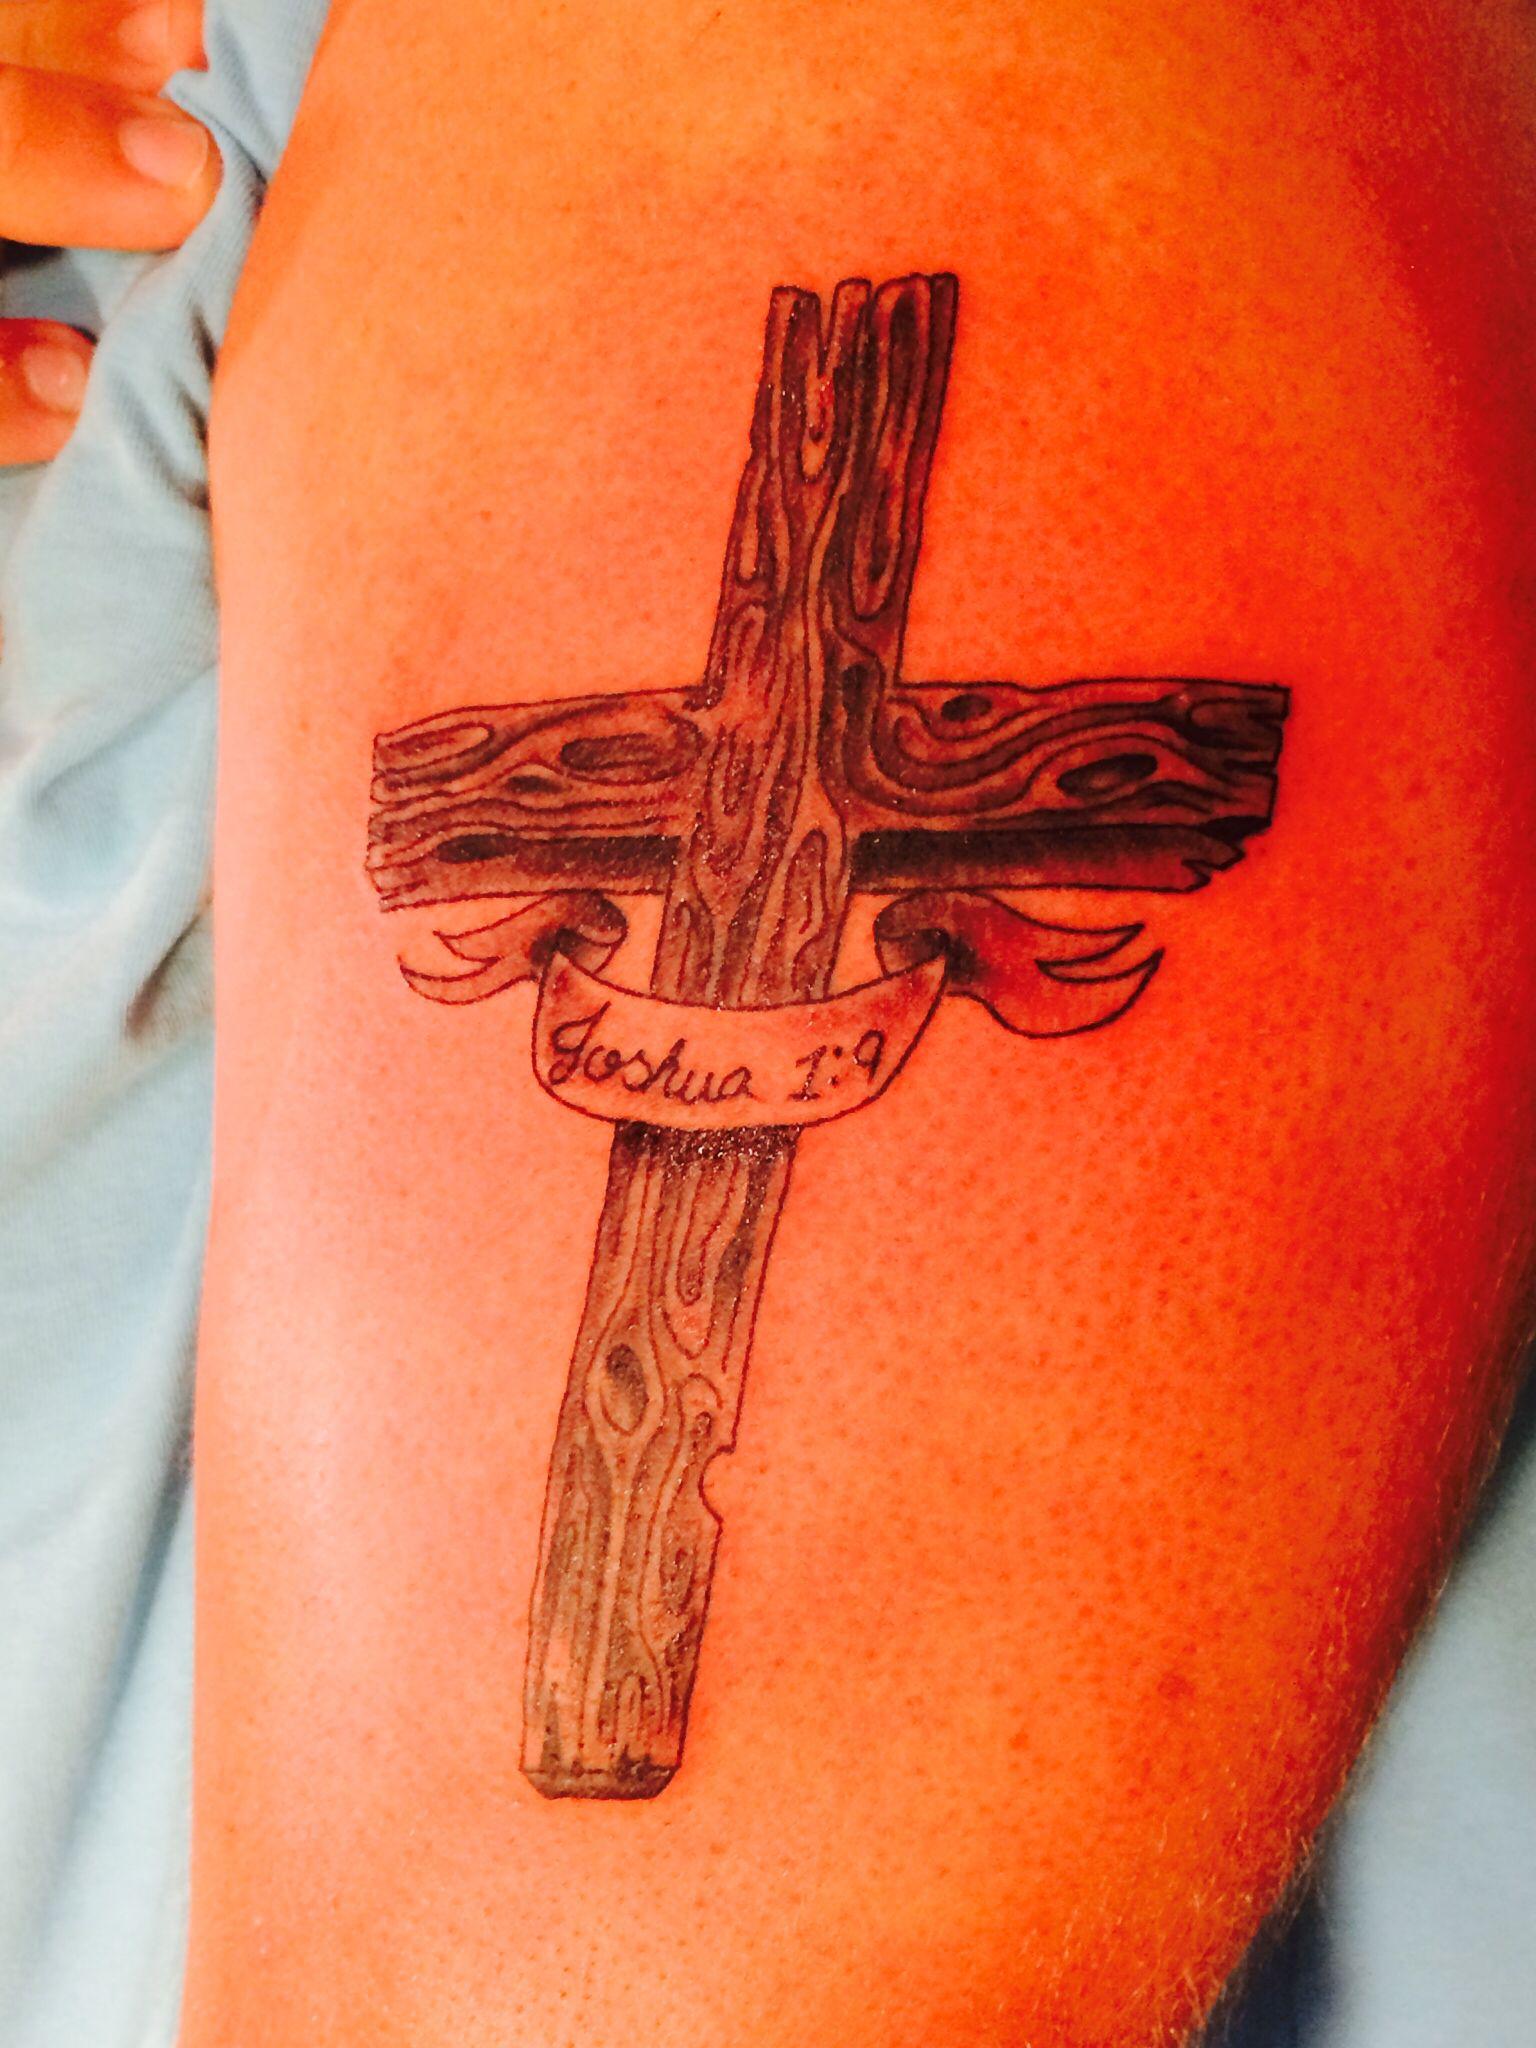 Cross tattoo joshua 1 9 tattoos pinterest tattoo for Joshua 1 9 tattoo